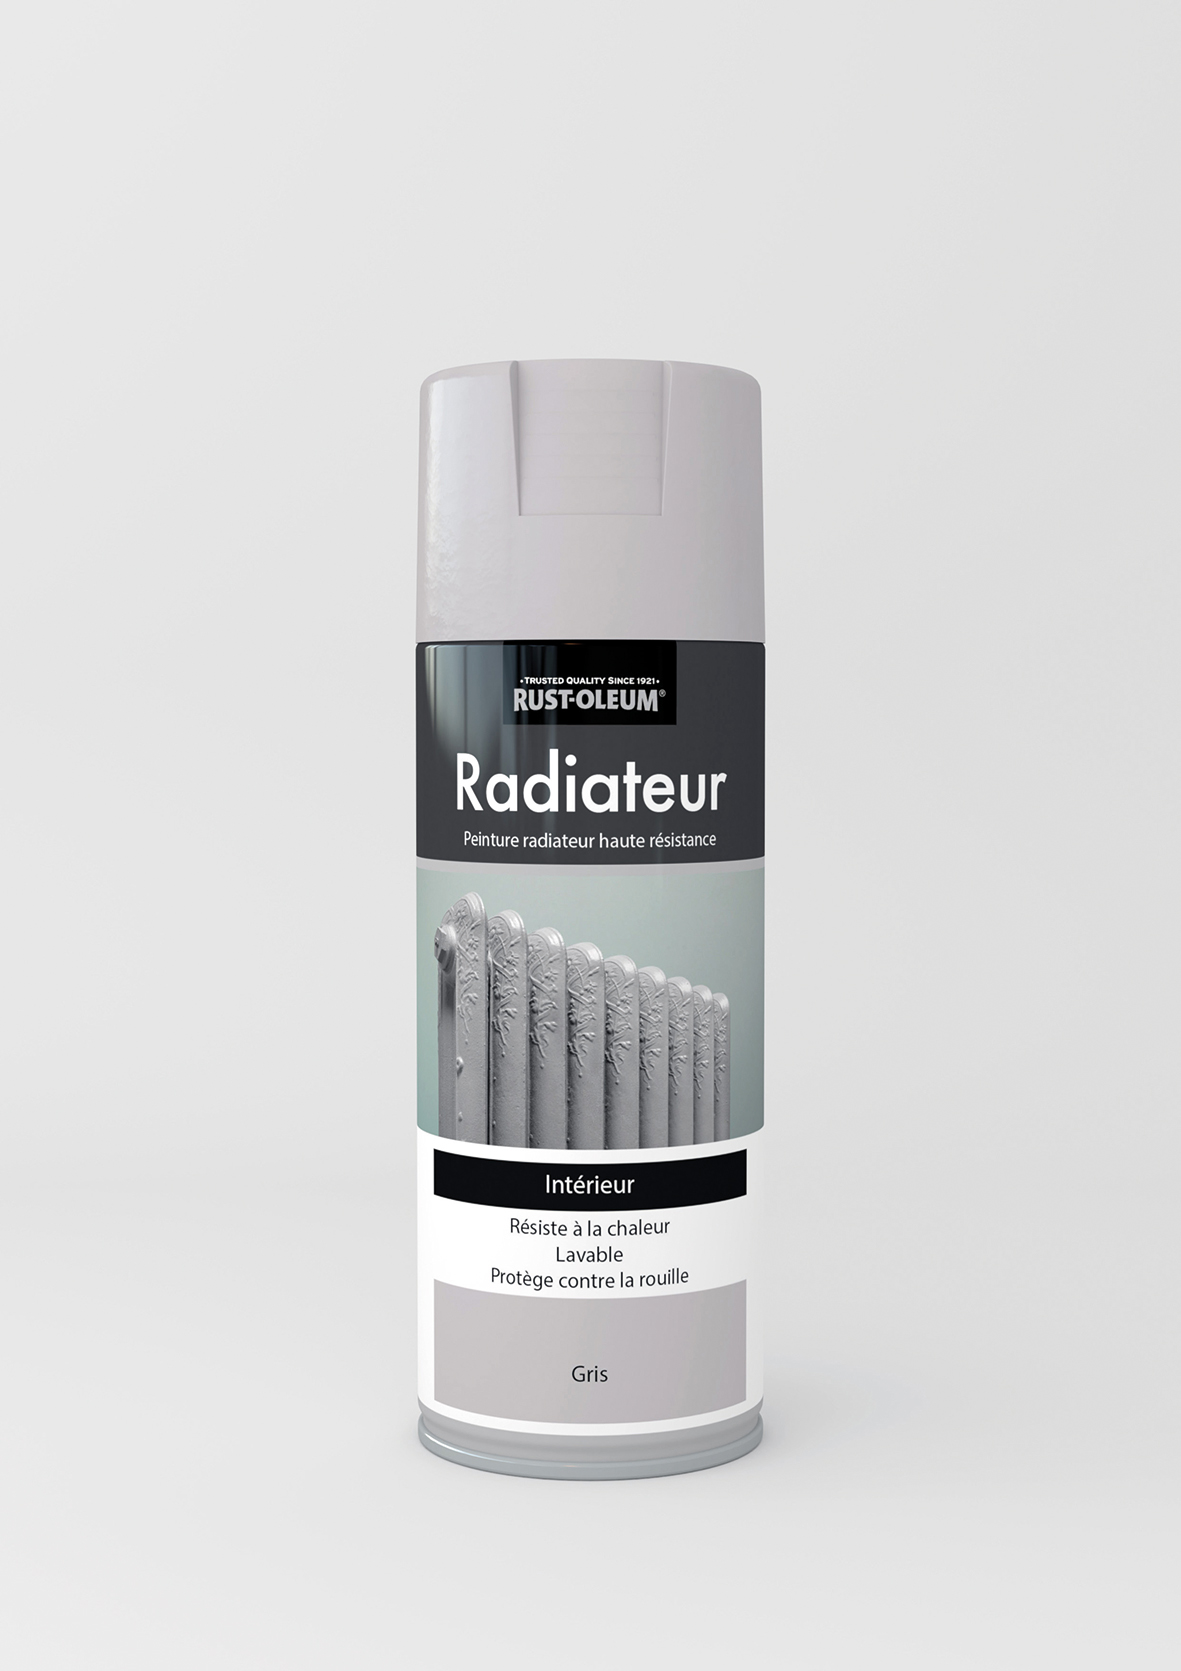 rust oleum une peinture a rosol pour redonner un coup de jeune ses radiateurs fpa. Black Bedroom Furniture Sets. Home Design Ideas